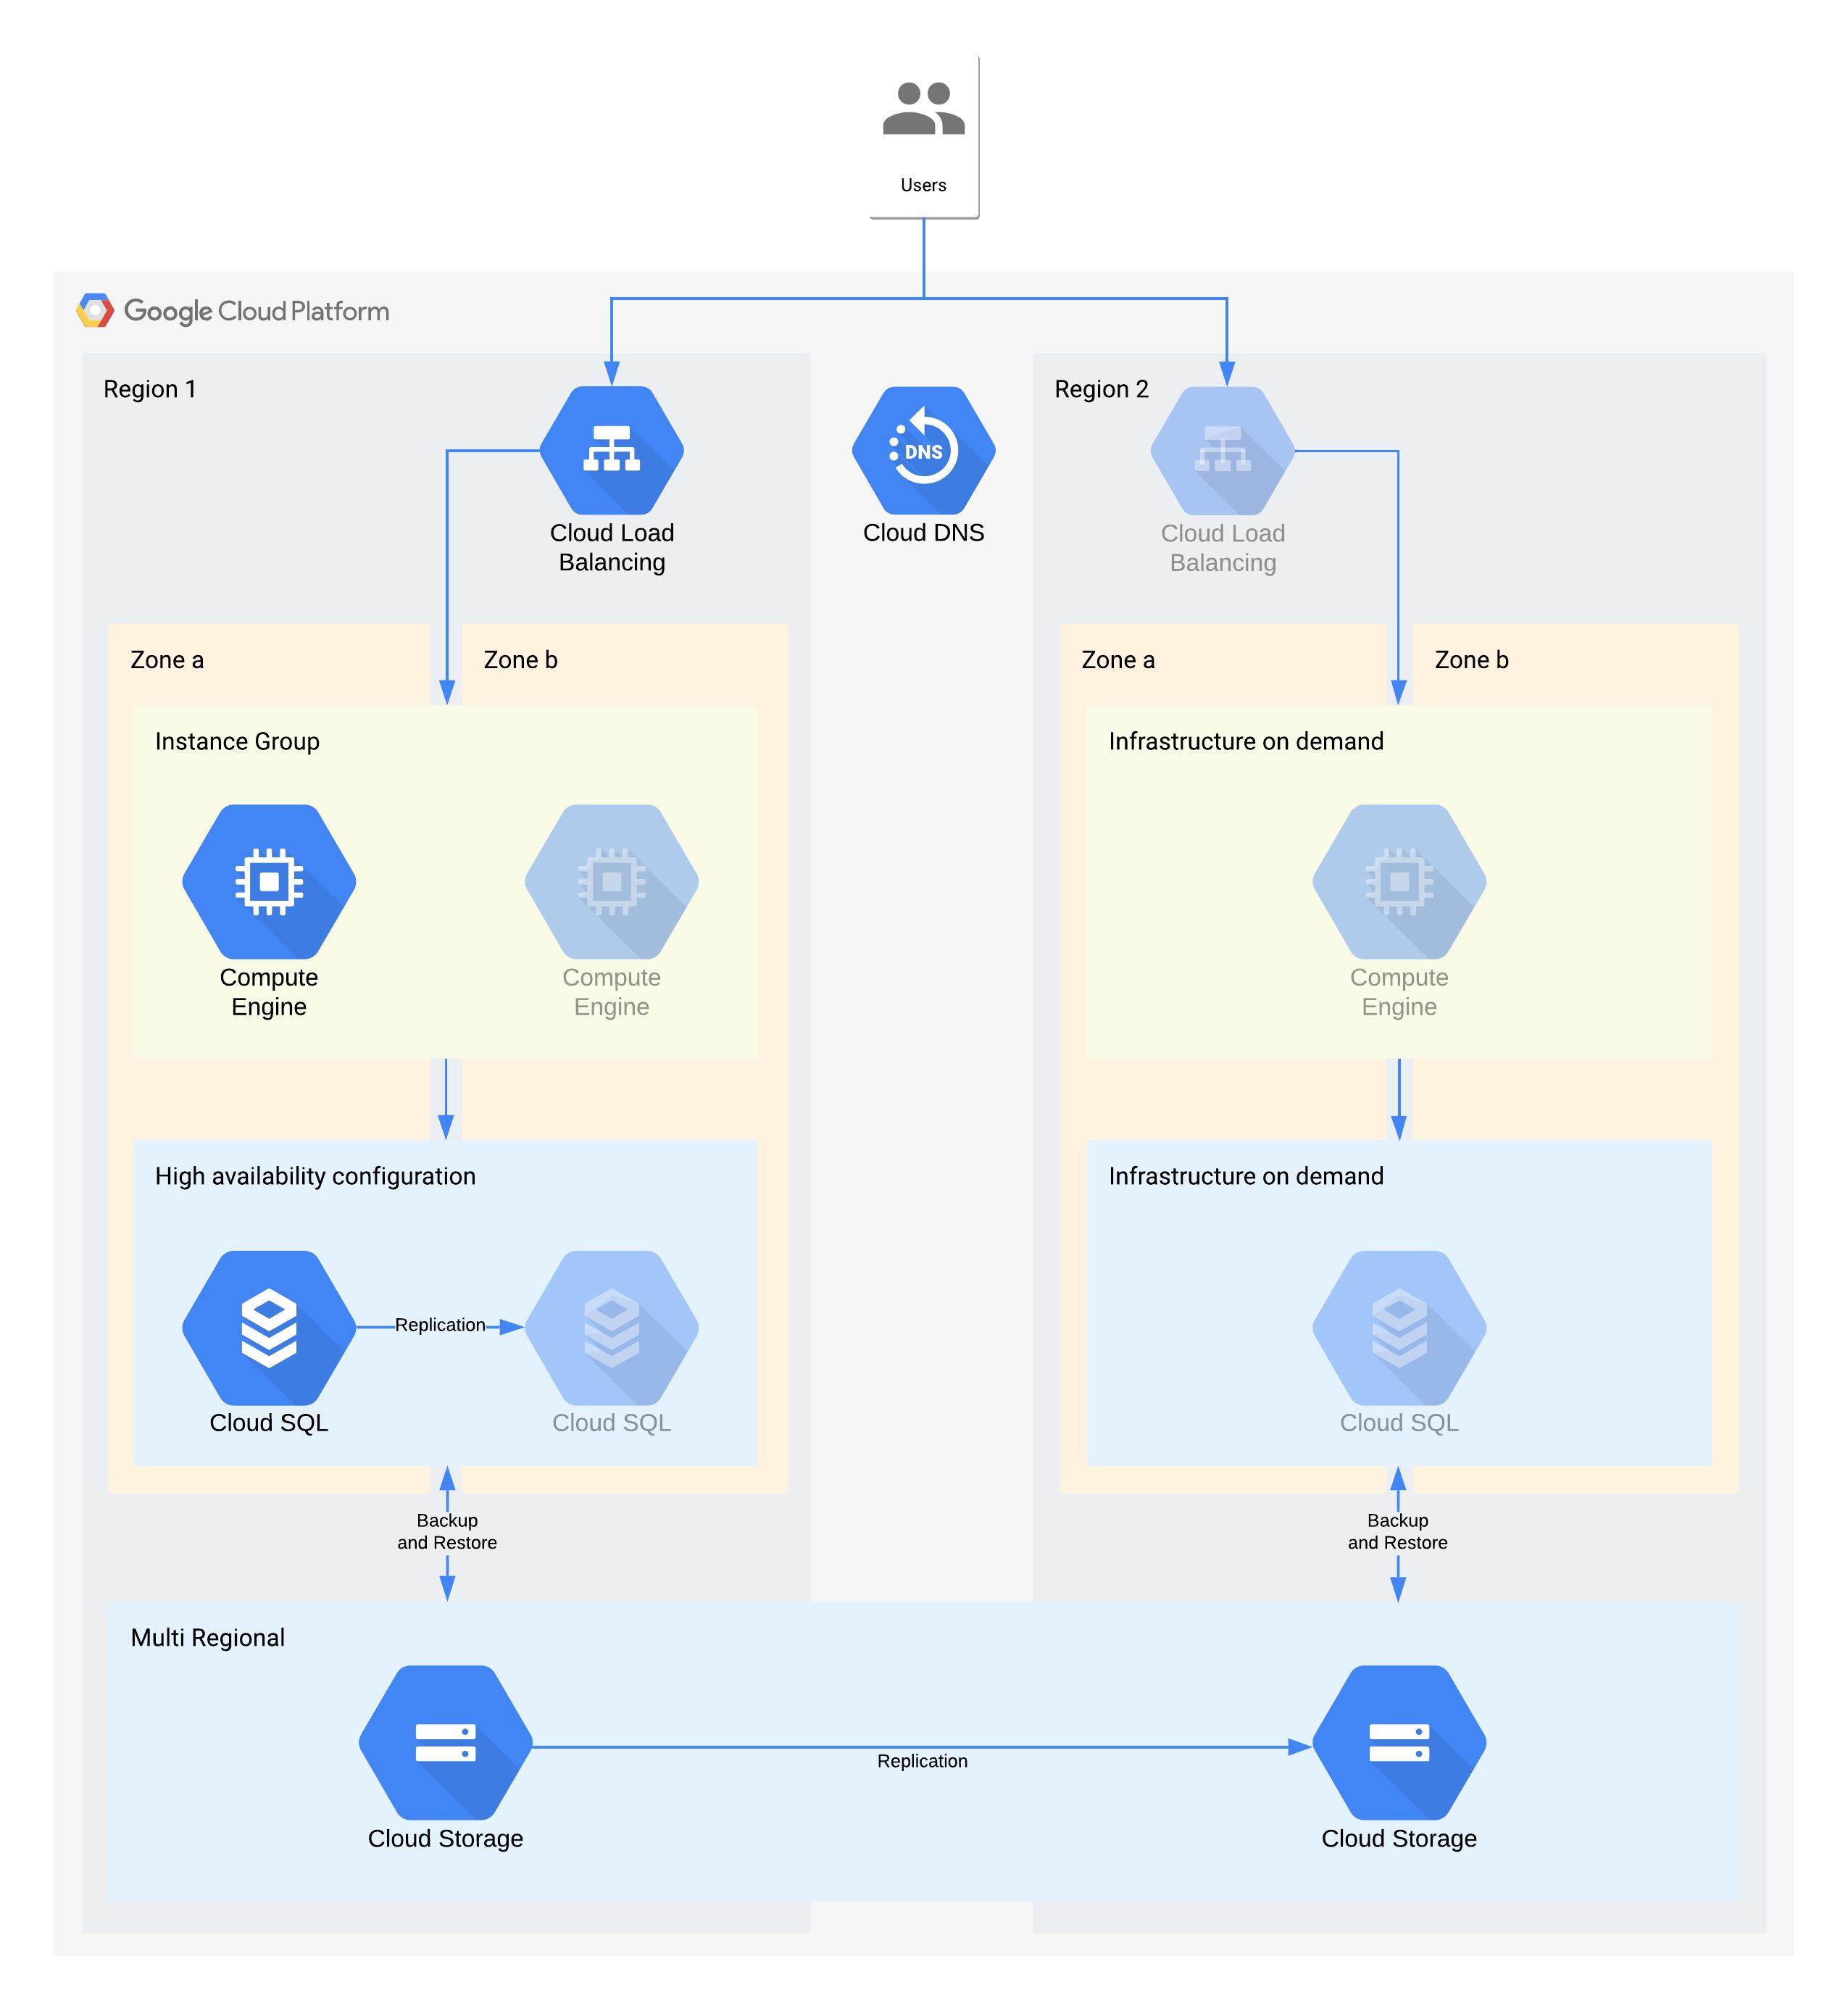 Beispiel einer Architektur der Stufe3 mit Google Cloud-Produkten